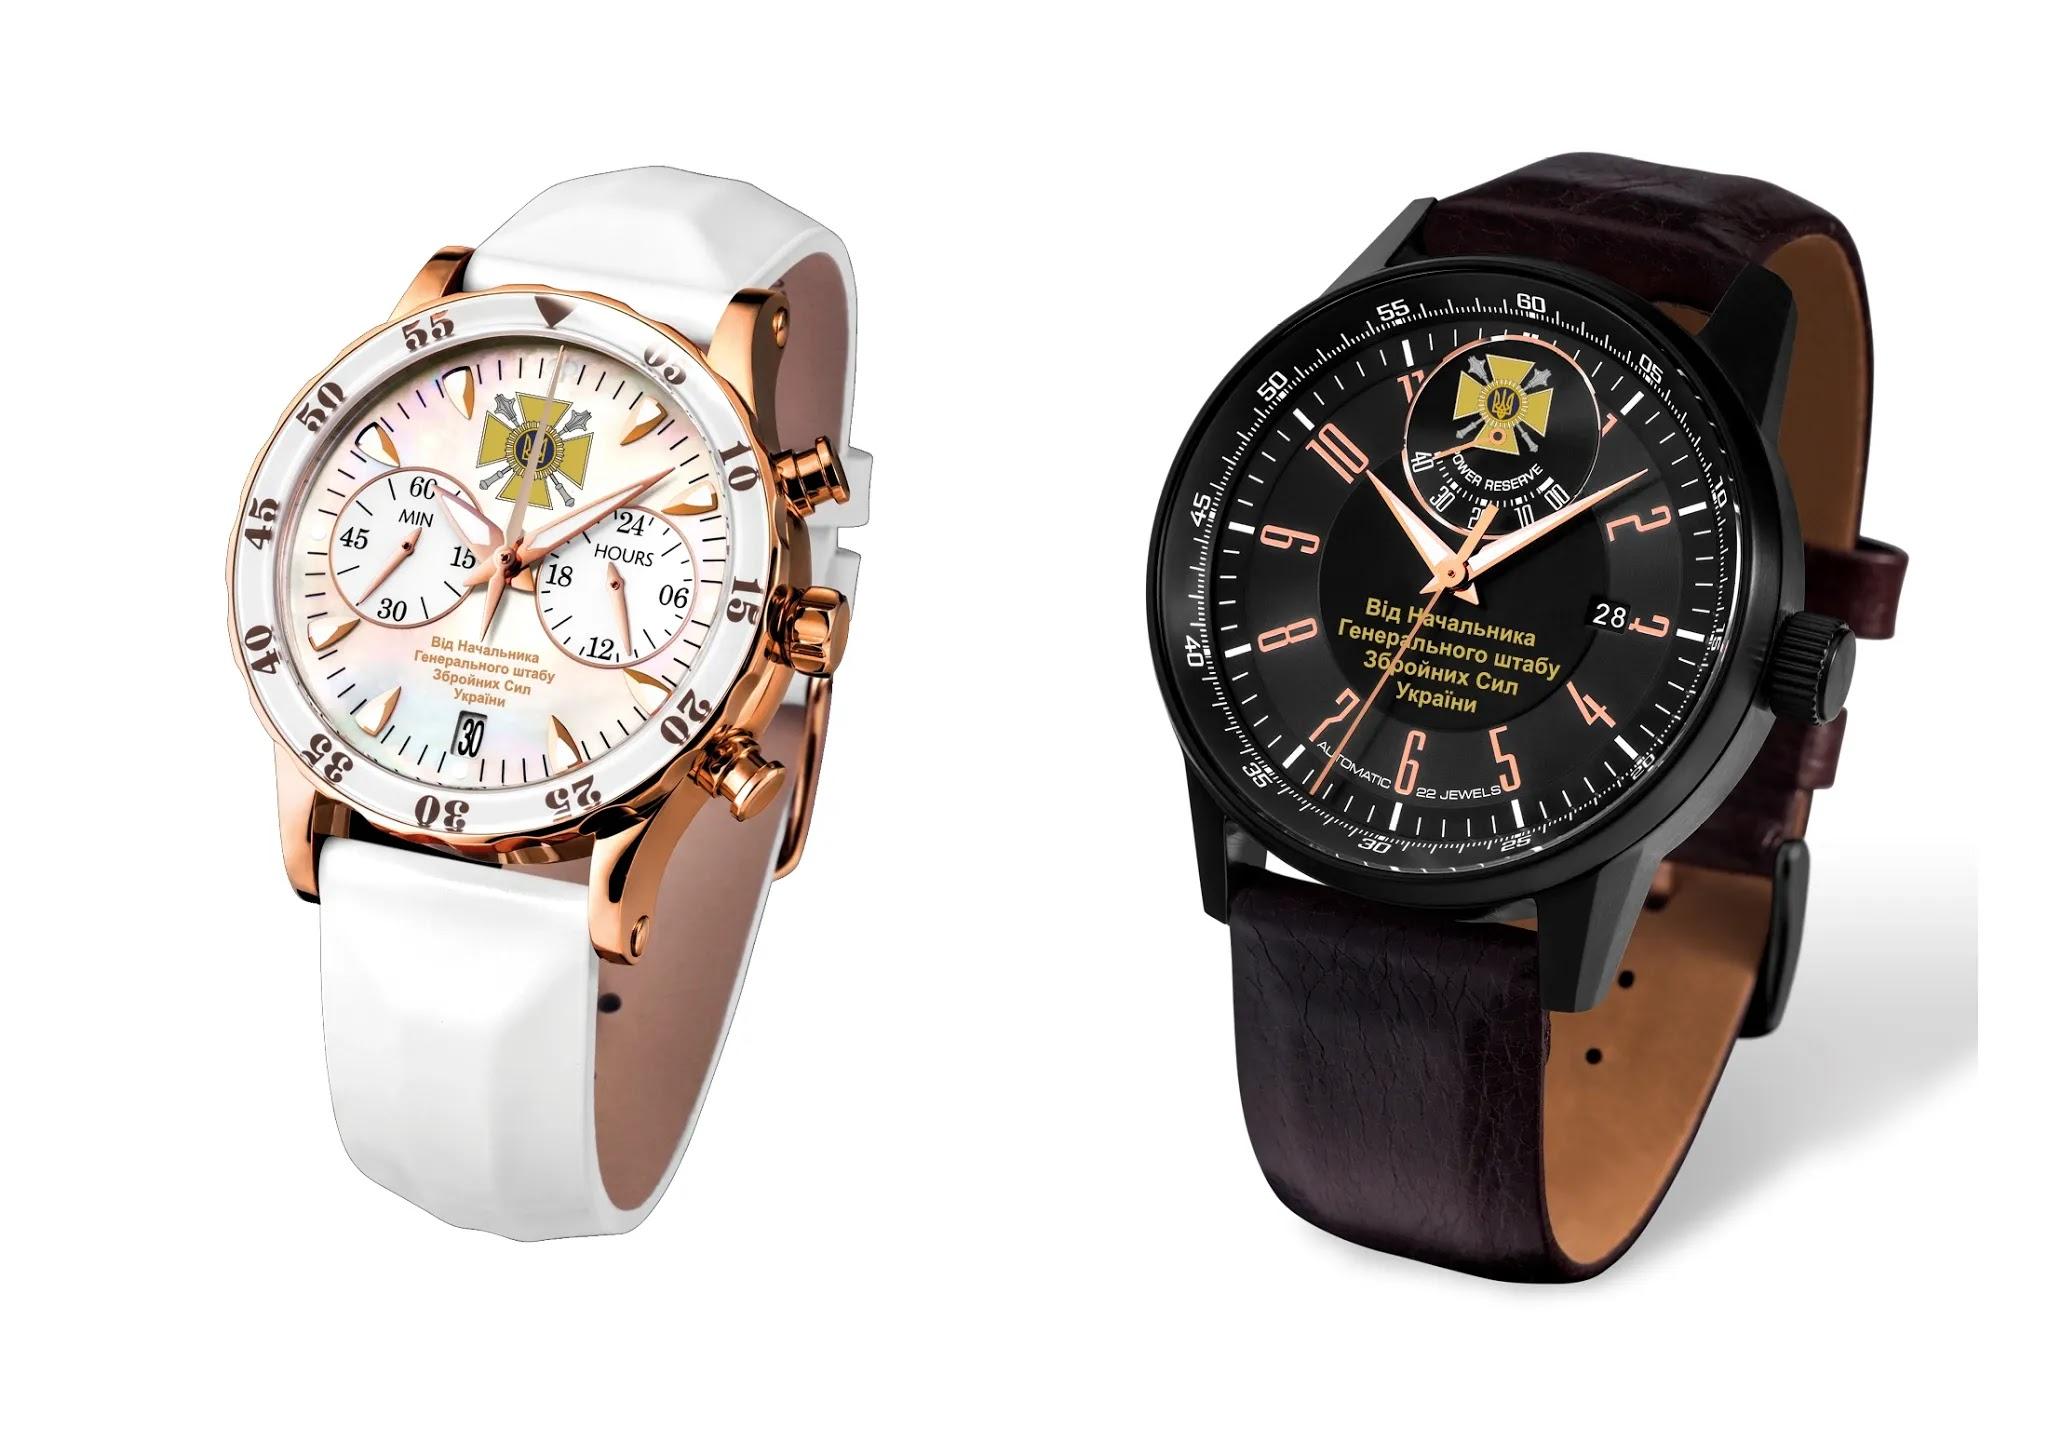 Генштаб придбає подарункові годинники на 800 тисяч